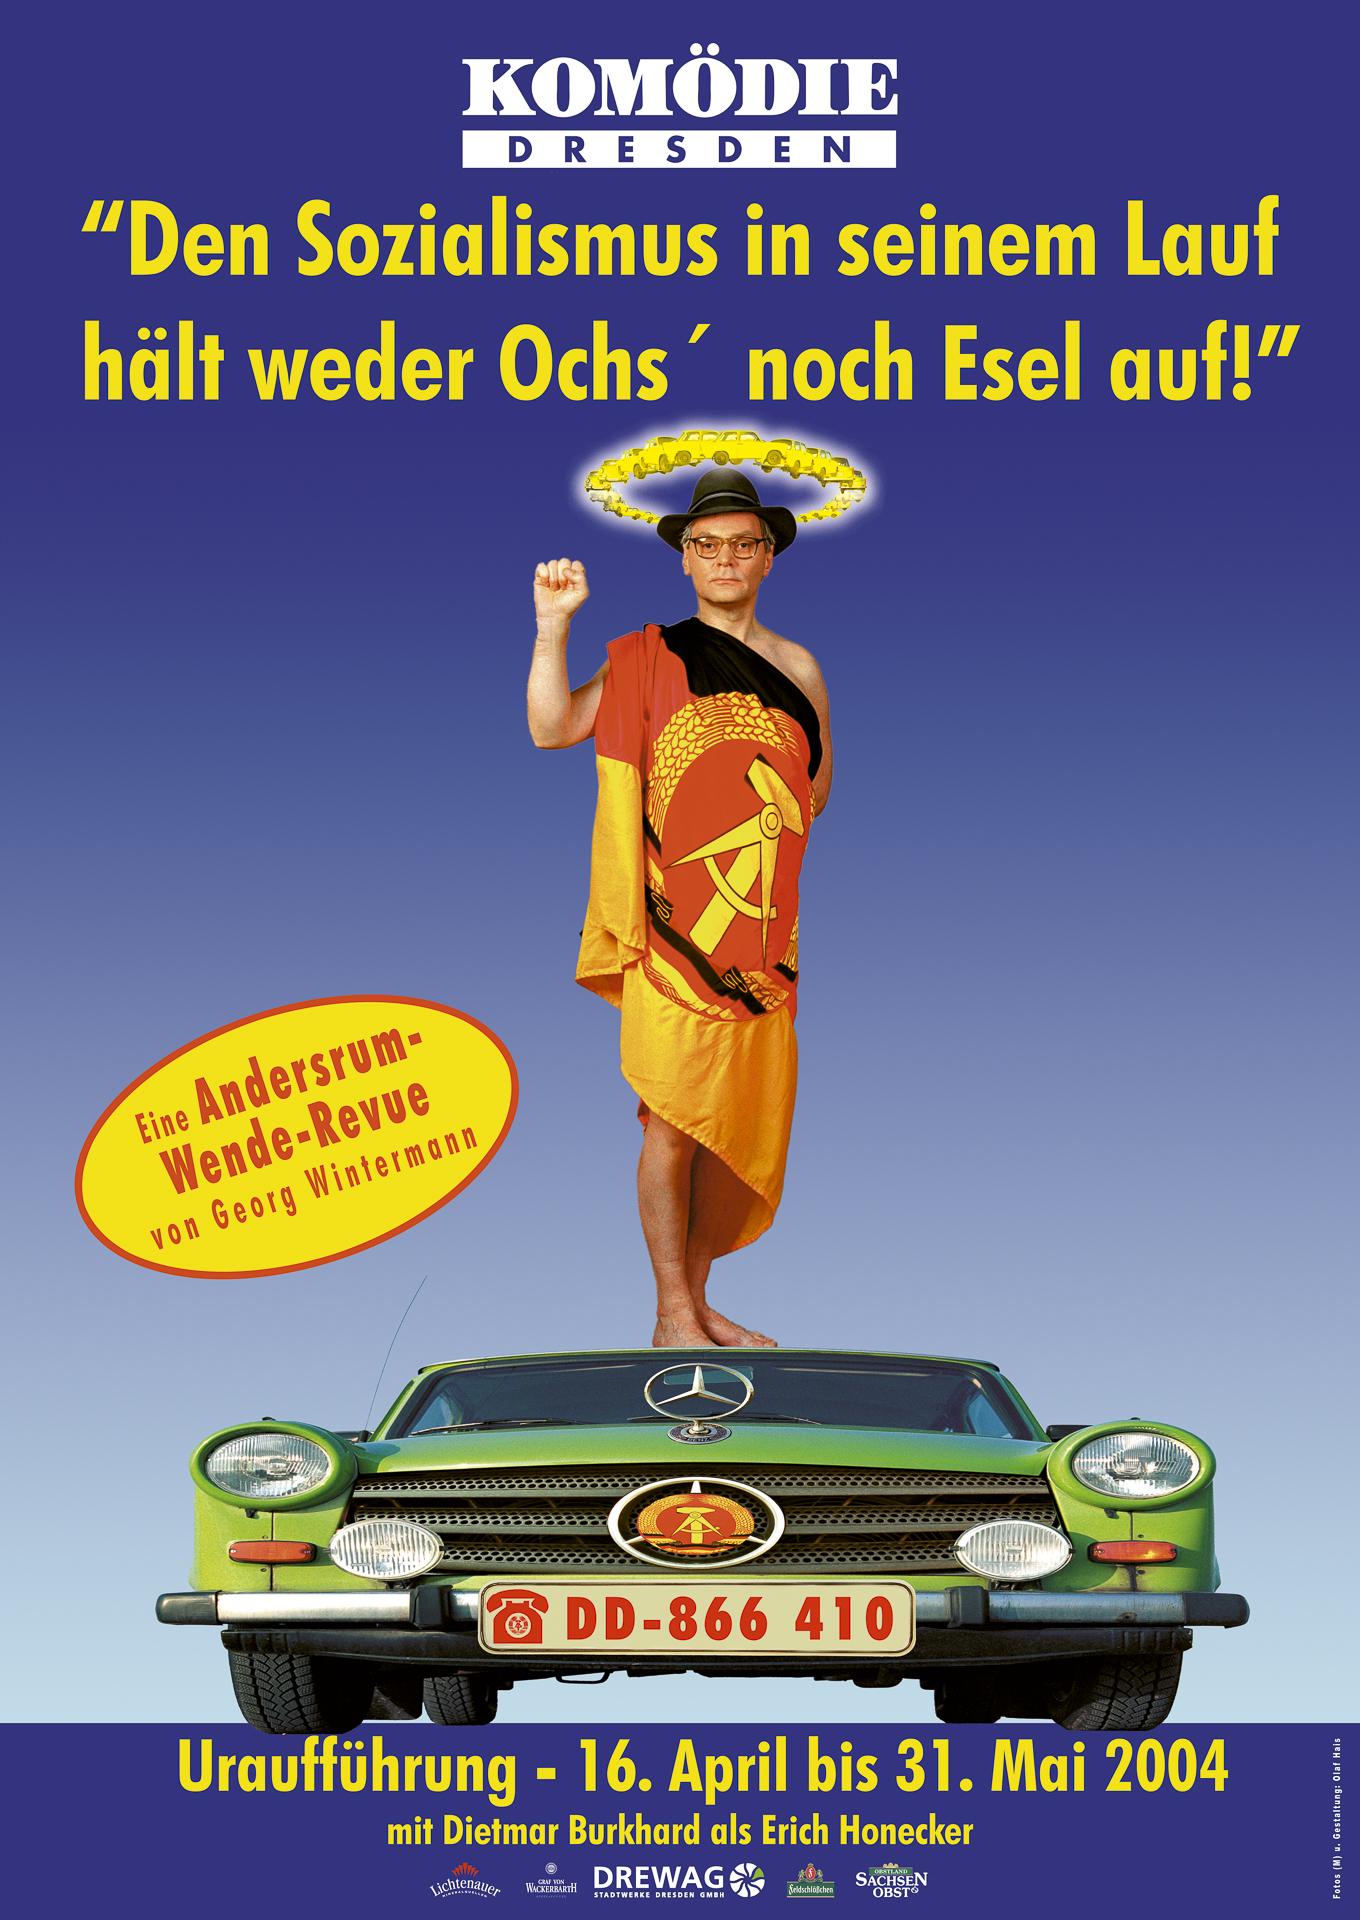 Revue, Plakat für die Komödie Dresden